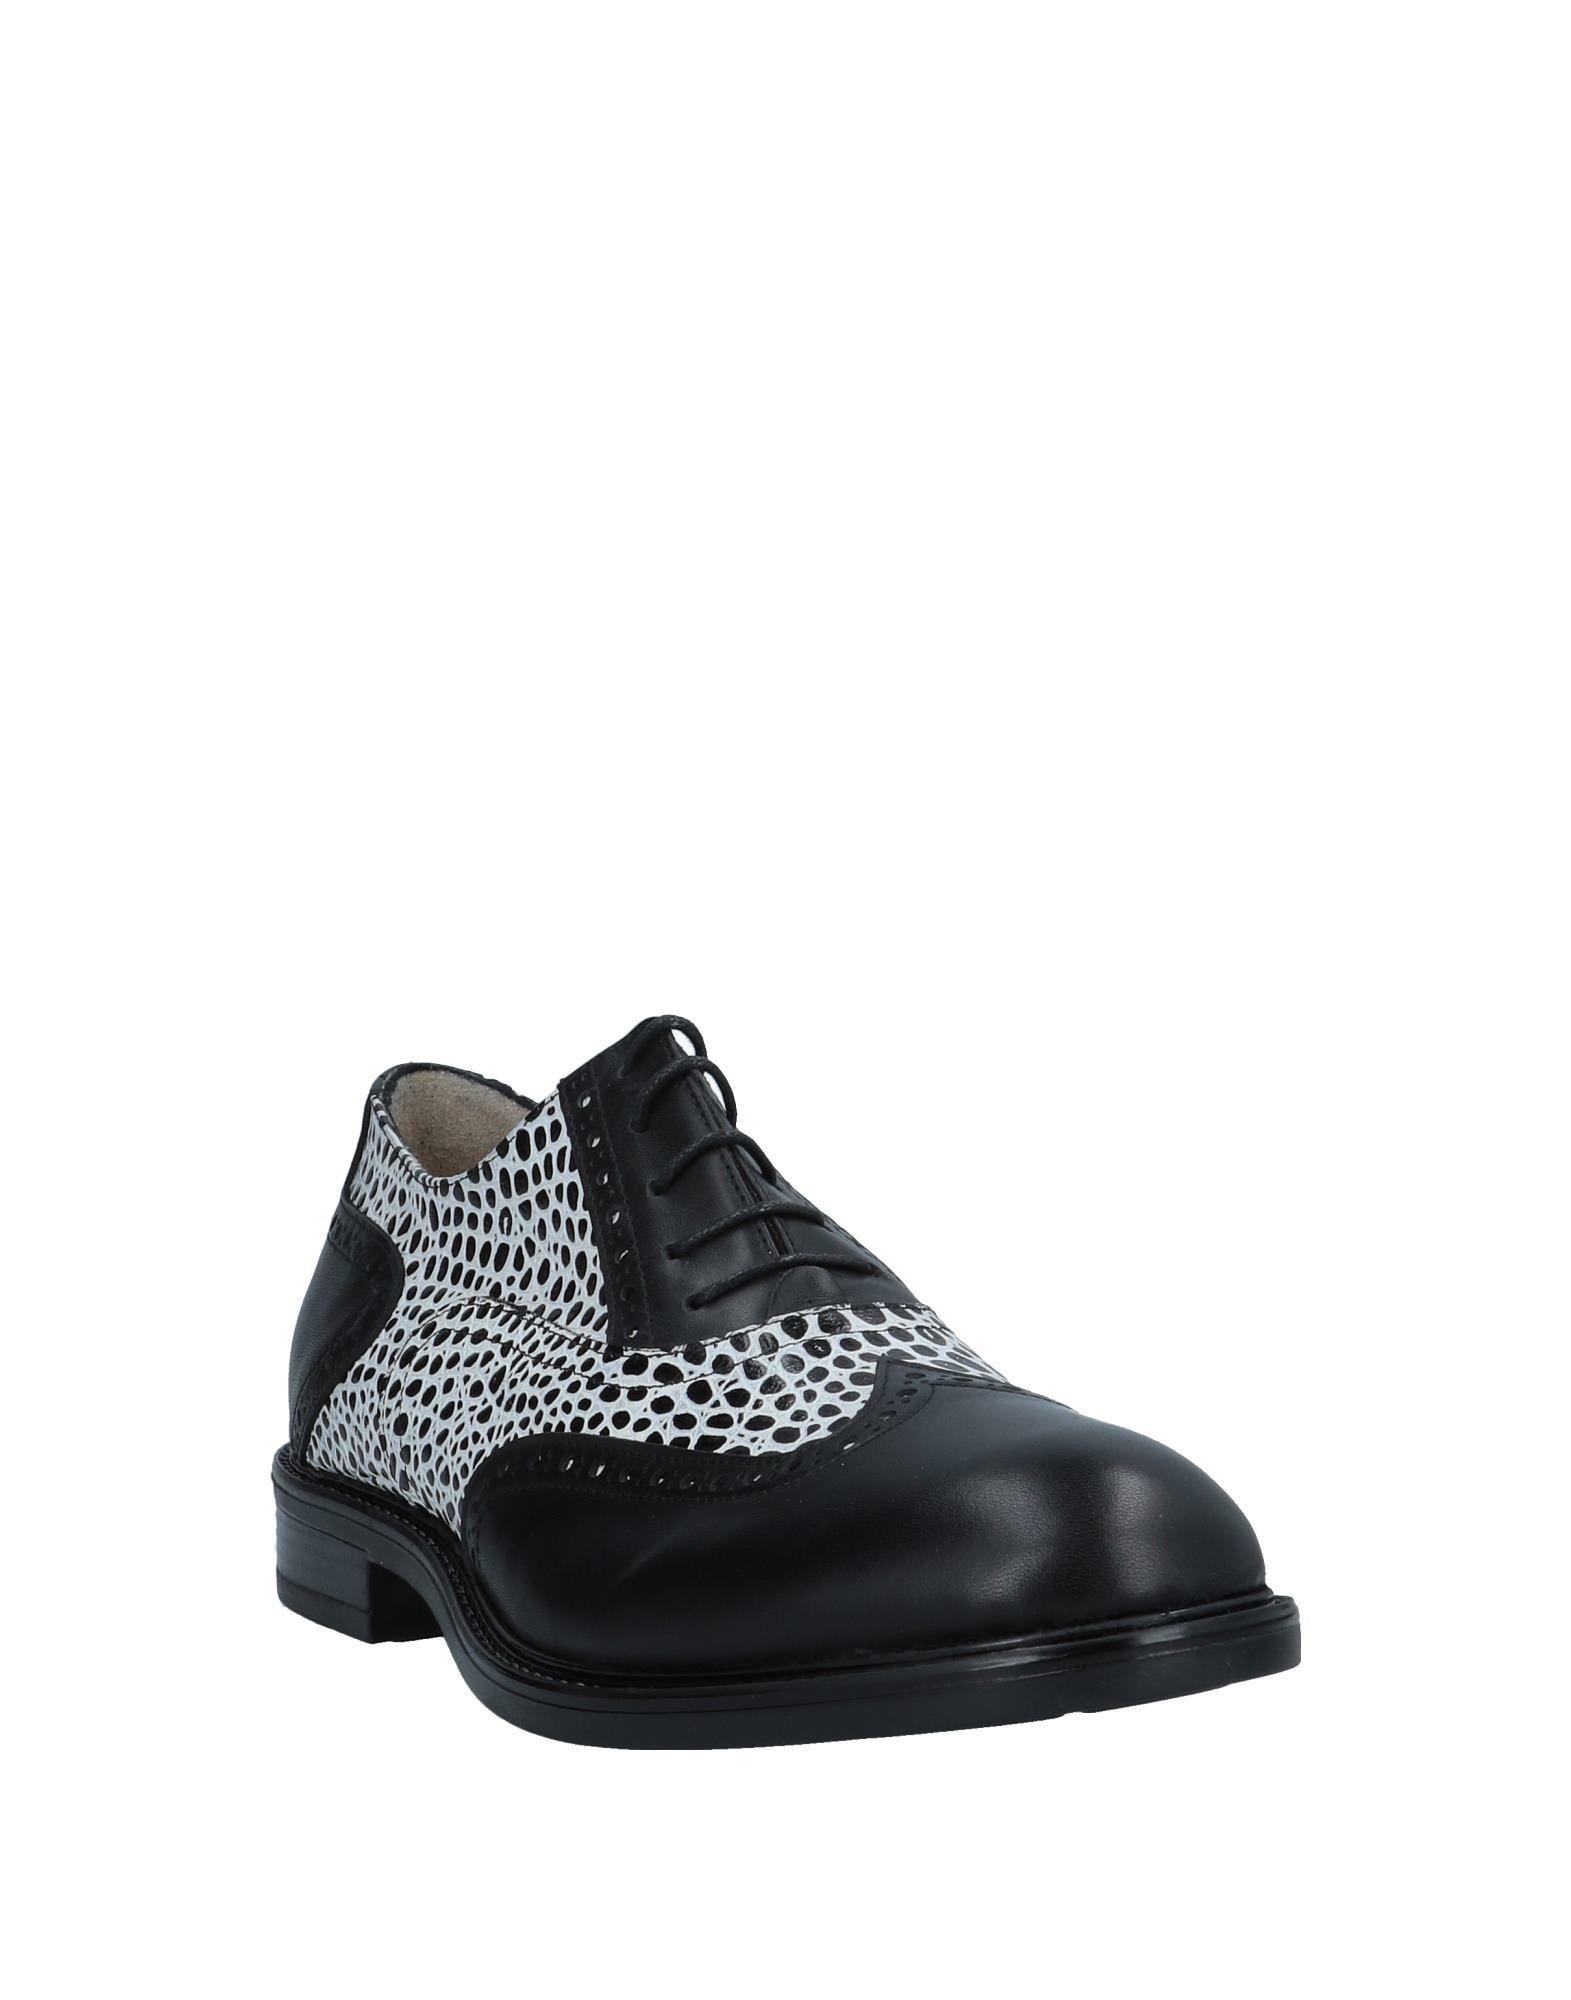 Rabatt echte Schuhe Angel Schnürschuhe 11546926MO Herren  11546926MO Schnürschuhe 4994c1